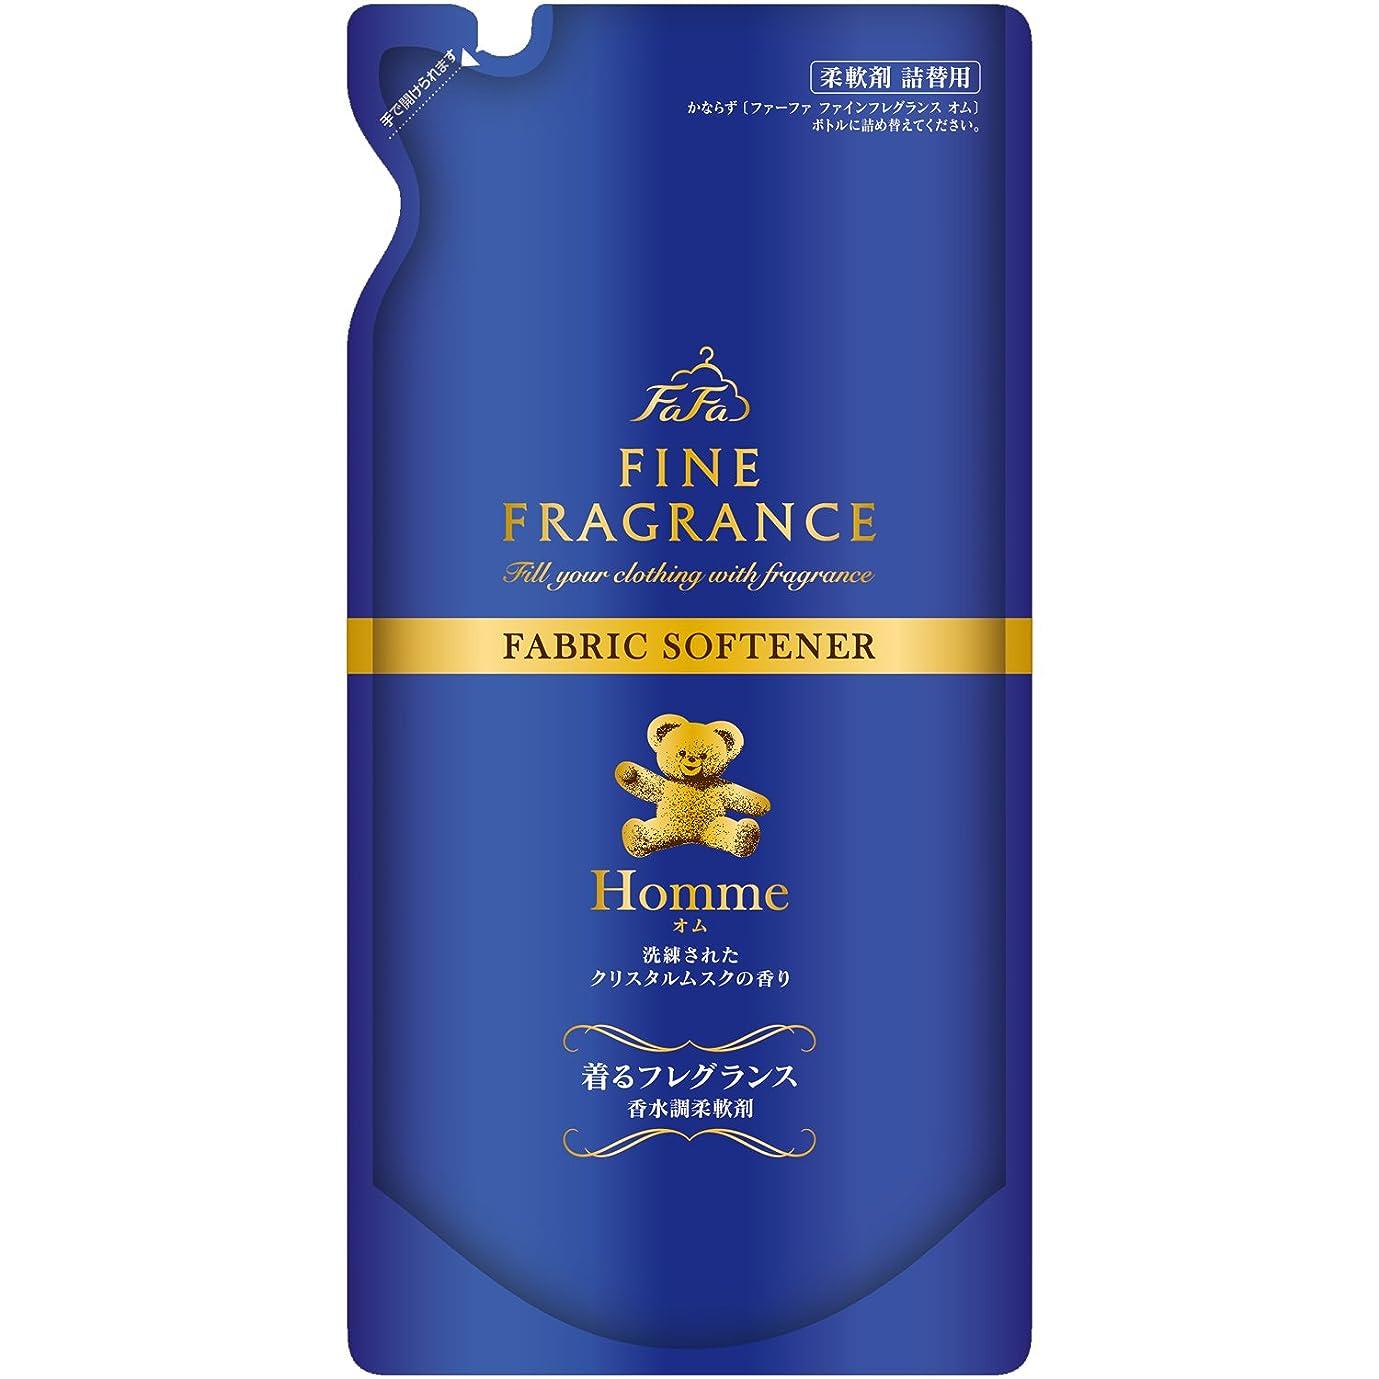 典型的な殺人者補償ファーファ ファインフレグランス 濃縮柔軟剤 オム (homme) 香水調クリスタルムスクの香り 詰替用 500ml